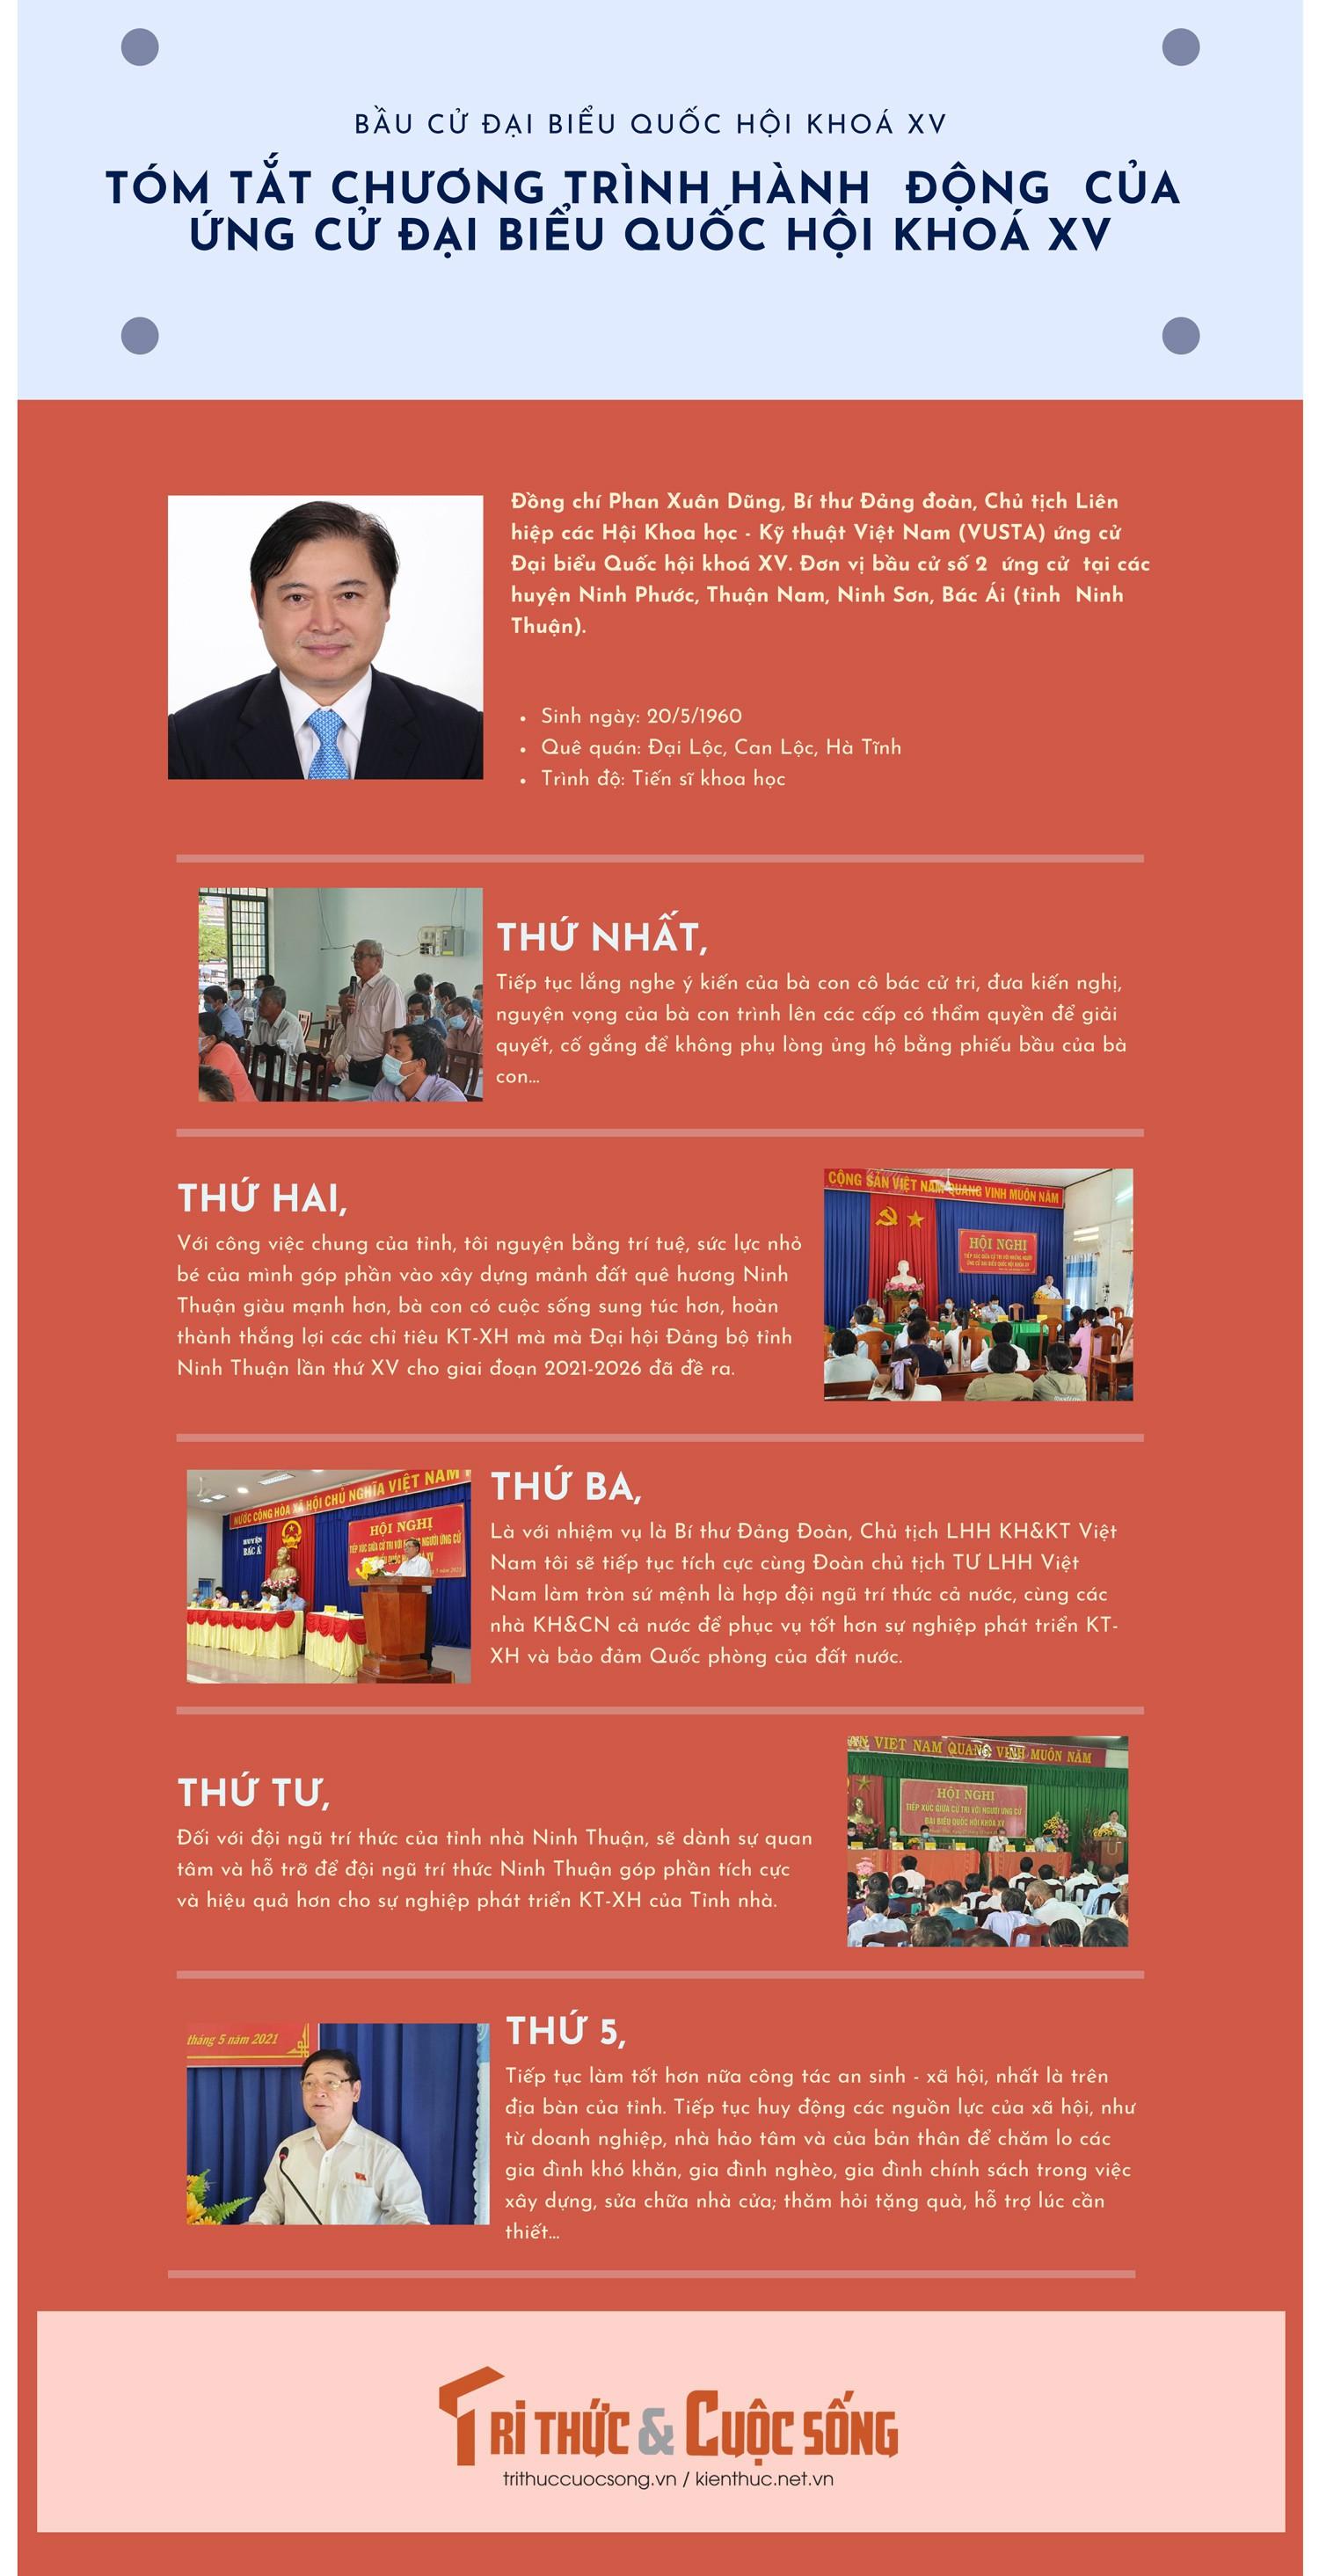 [Infographic] Chang duong ung cu DBQH cua Chu tich VUSTA  Phan Xuan Dung-Hinh-2